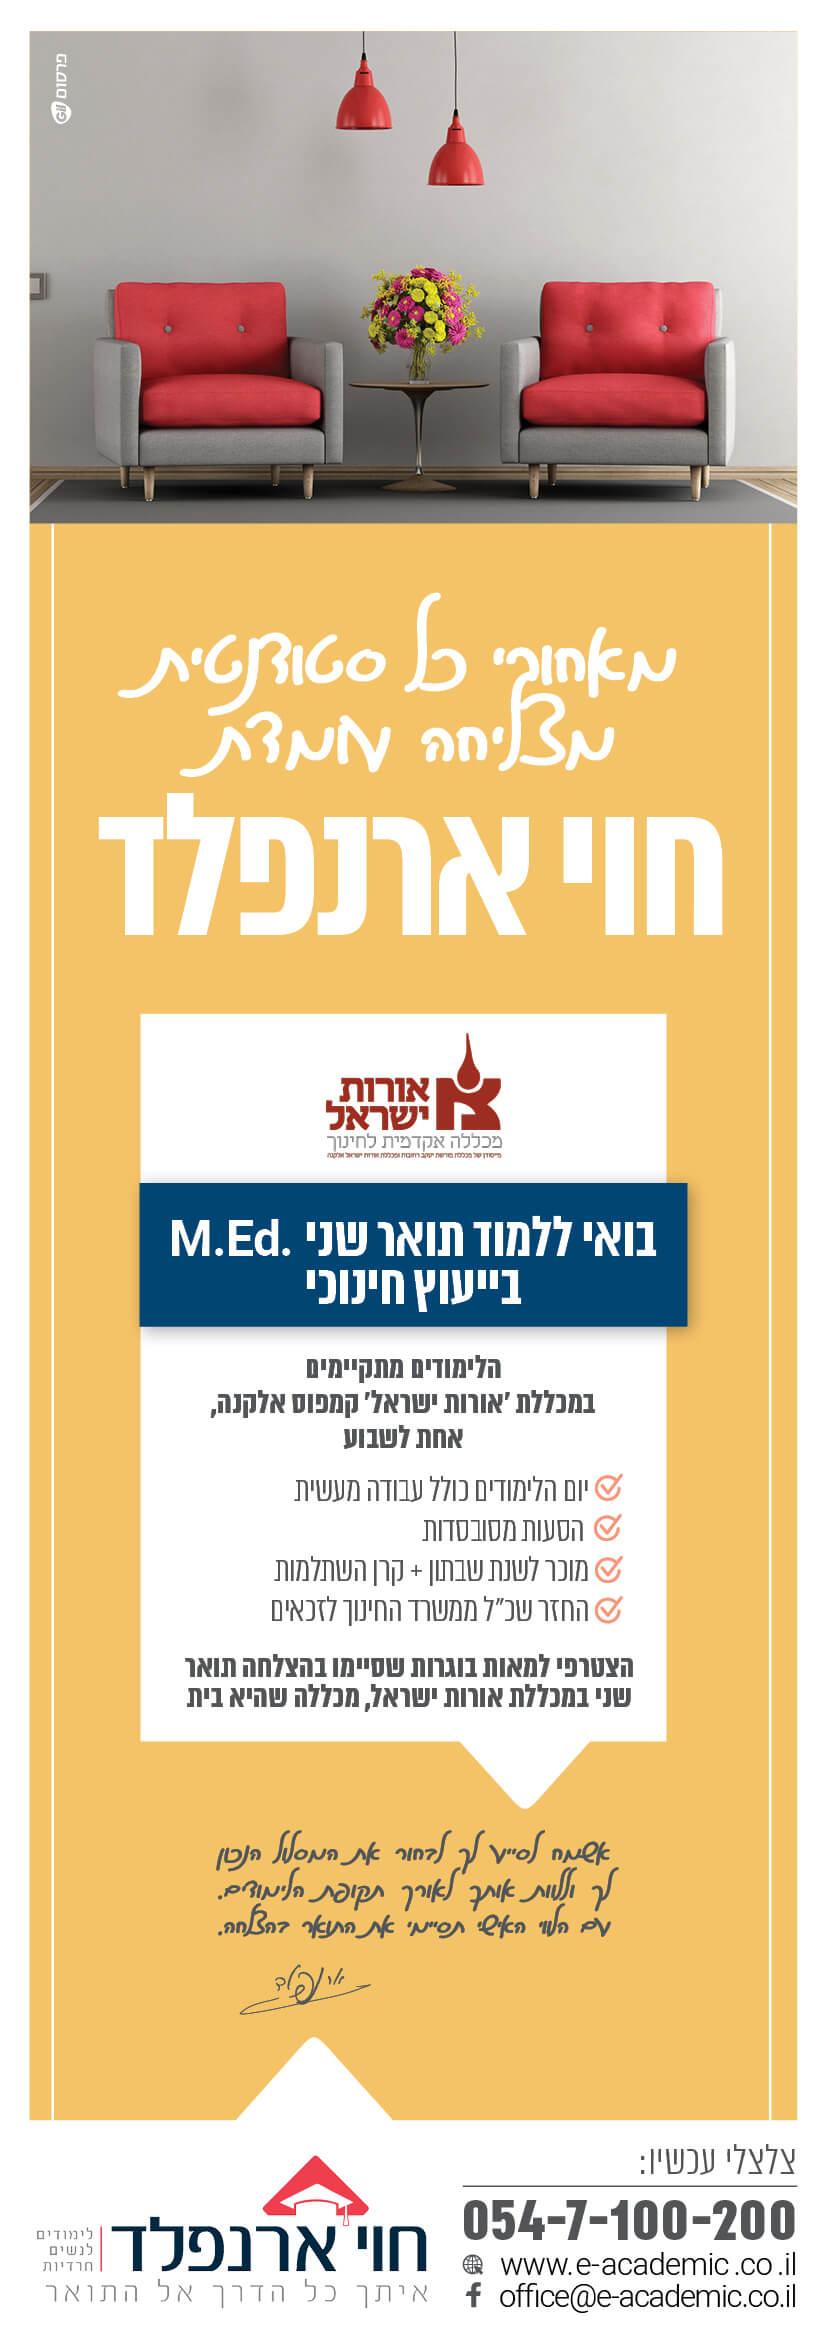 גיל פרסום בקמפיין ראשון למותג חוי ארנפלד אקדמיק 5